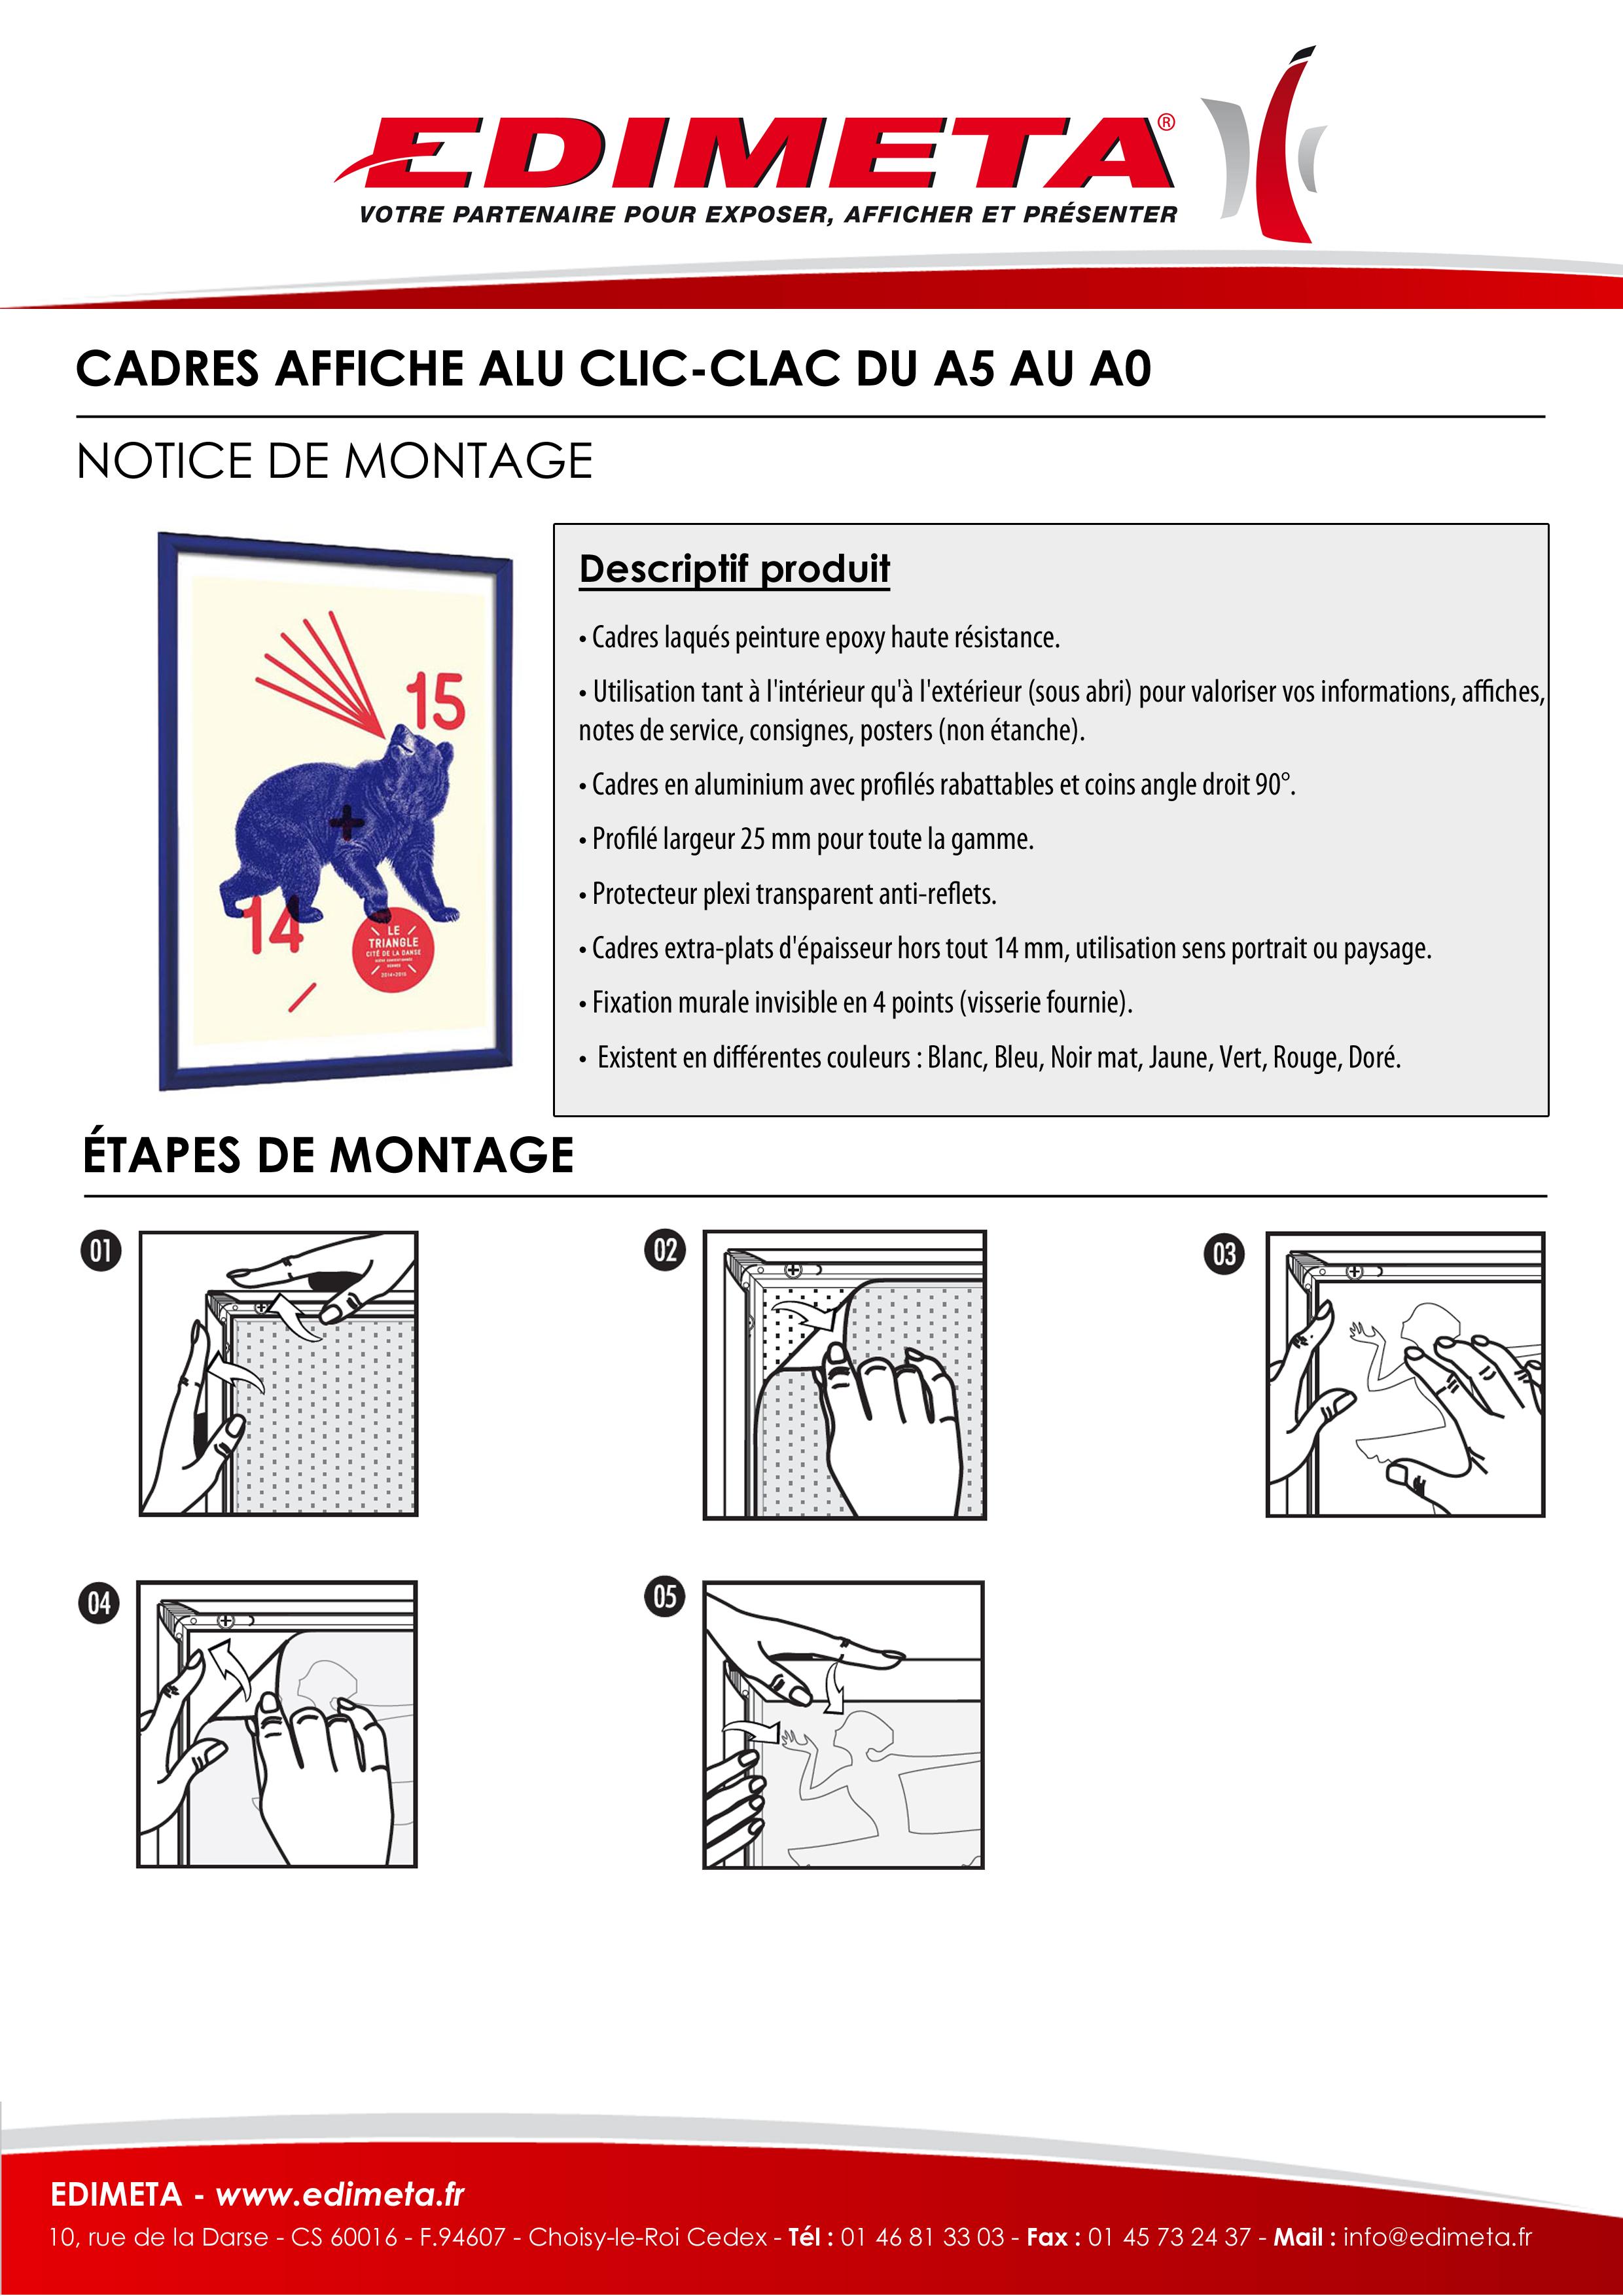 NOTICE DE MONTAGE : CADRES AFFICHE ALU CLIC-CLAC DU A5 AU A0